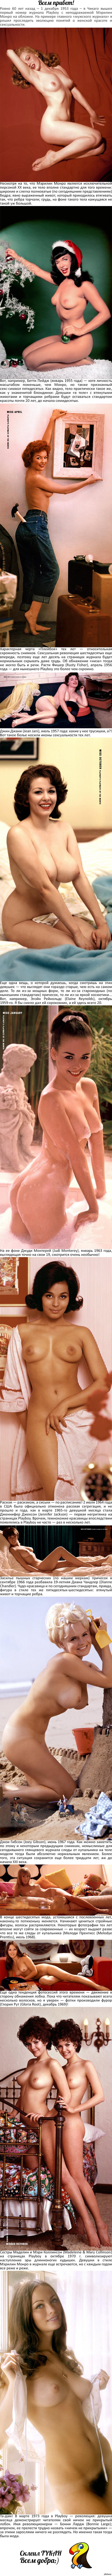 Секс журнал затвор 6 фотография